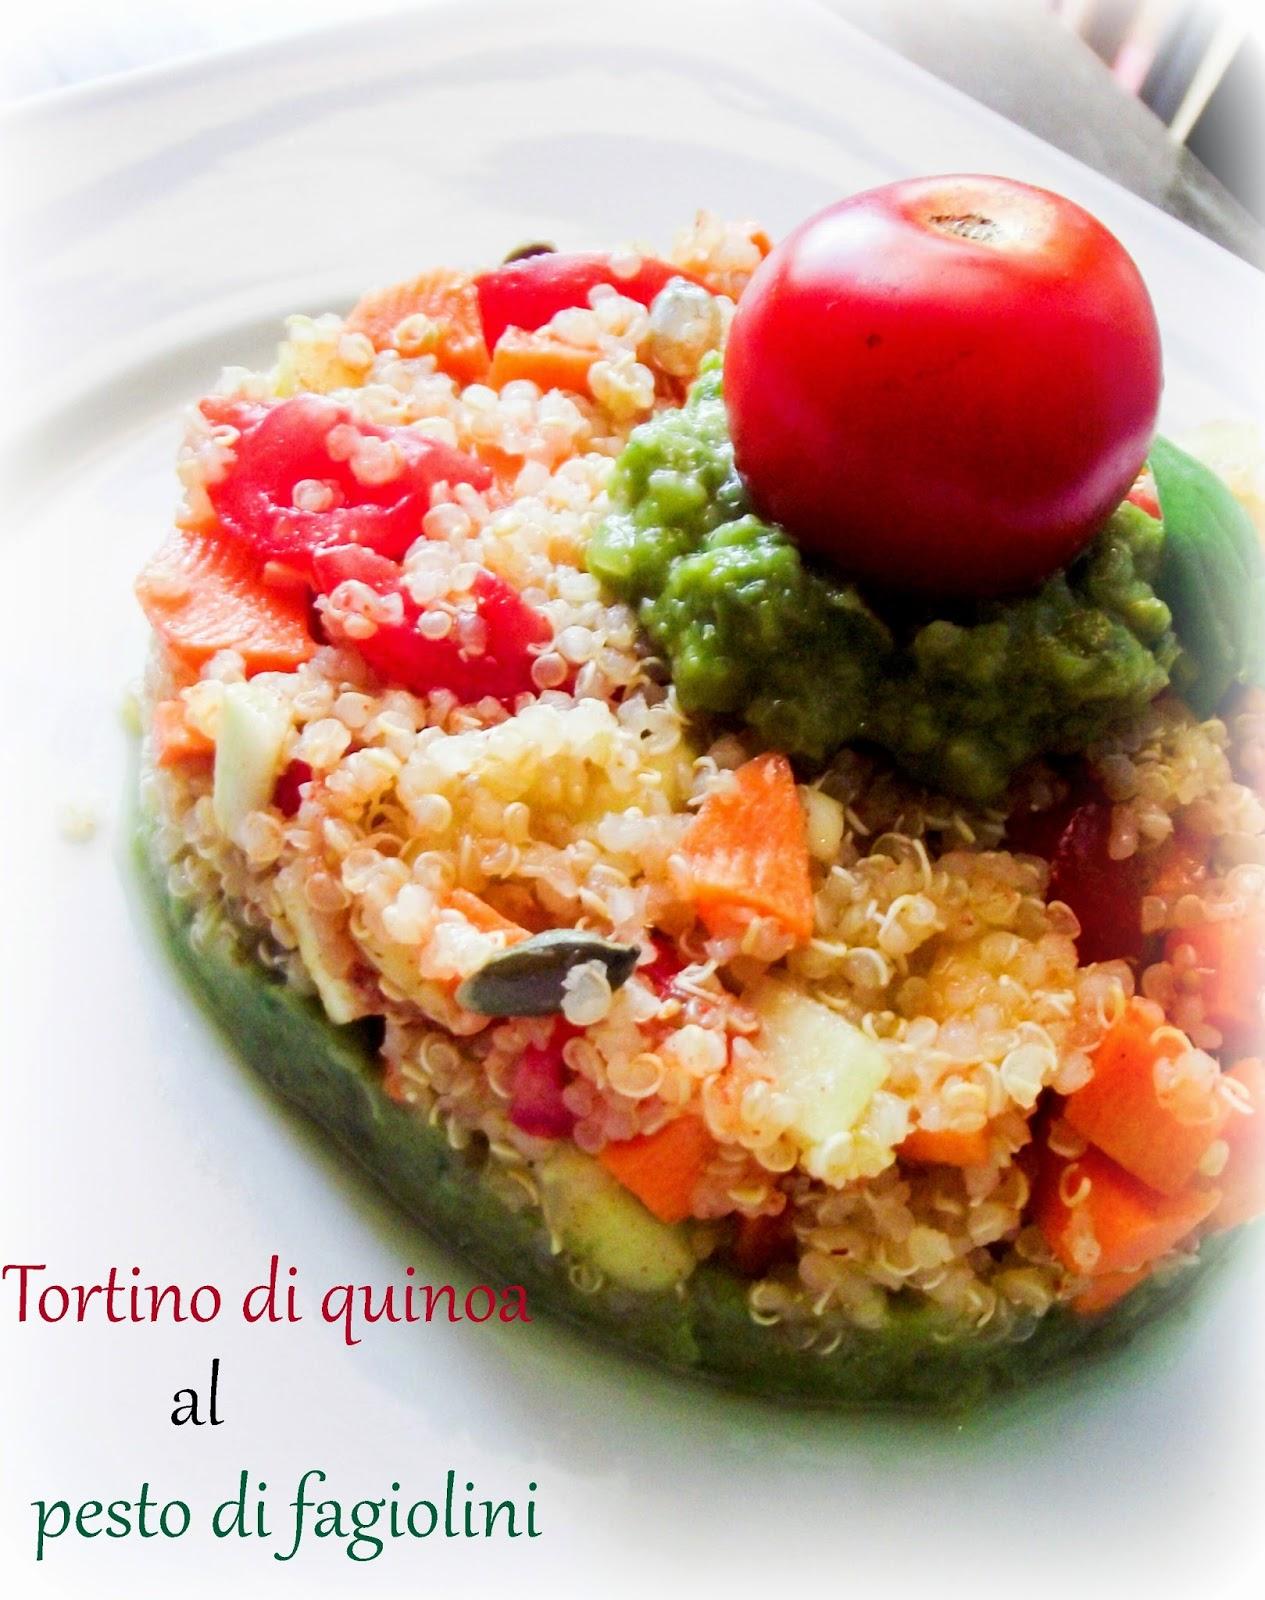 tortino di quinoa al pesto di fagiolini perchè io e voi valiamo!